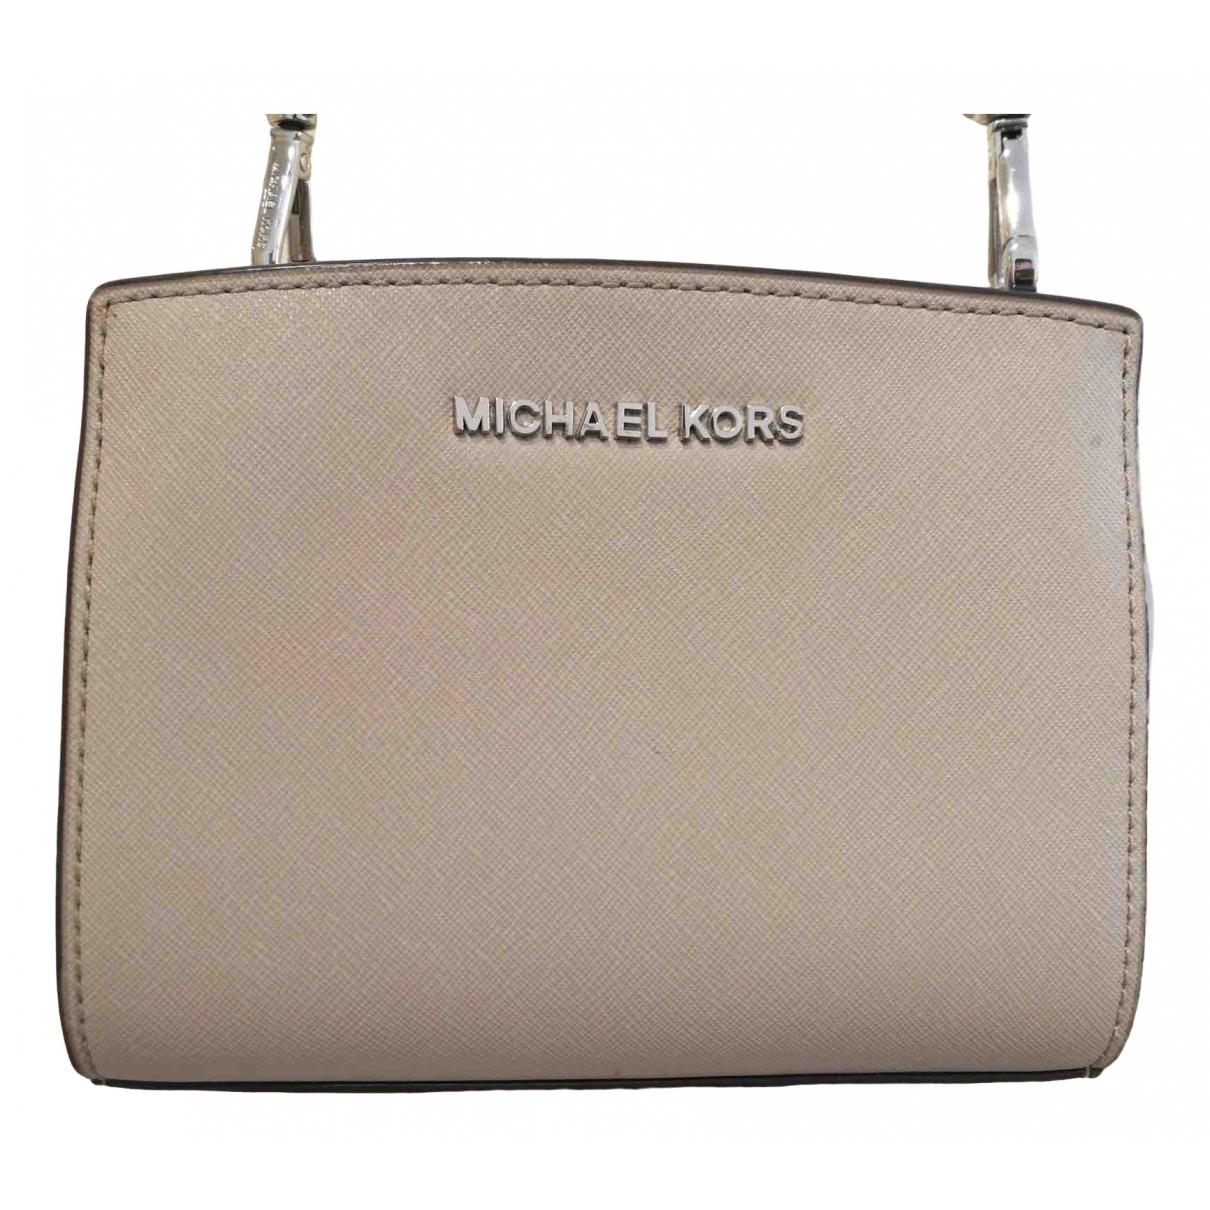 Michael Kors - Sac a main   pour femme en cuir - blanc